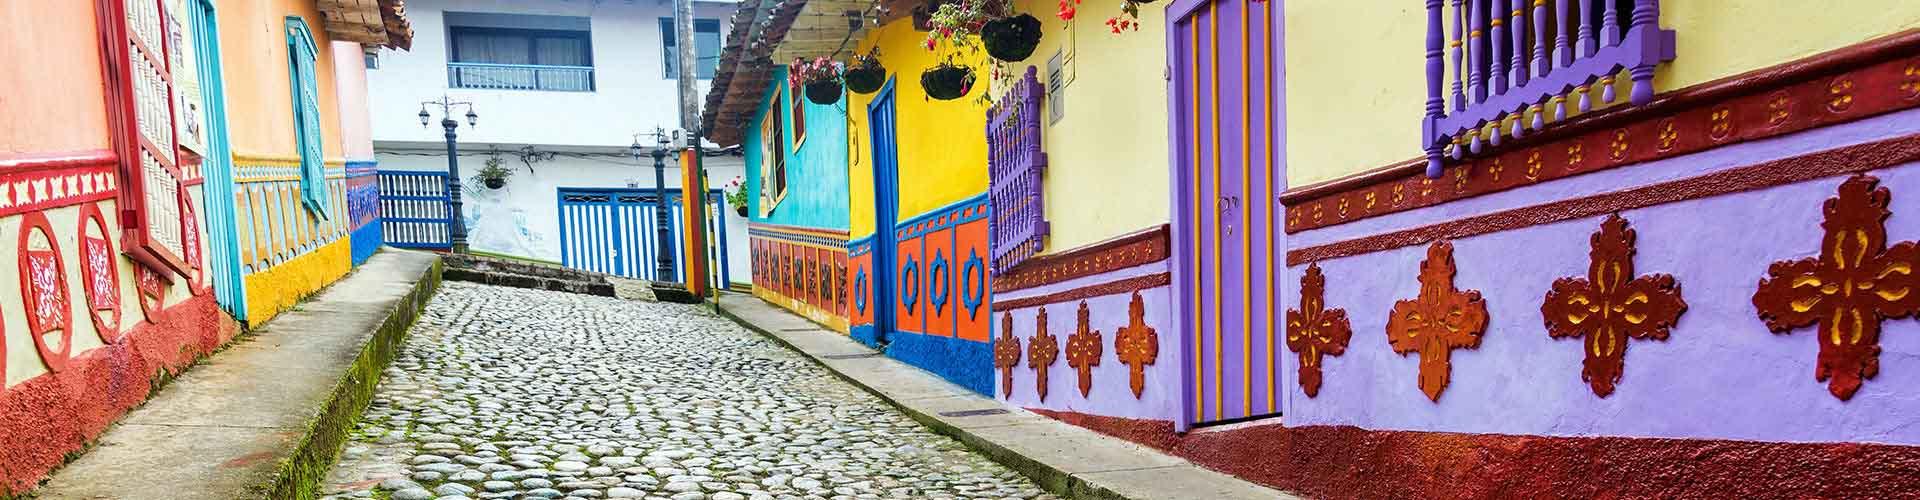 Medellín - Hostele w mieście: Medellín, Mapy: Medellín, Zdjęcia i Recenzje dla każdego hostelu w mieście Medellín.